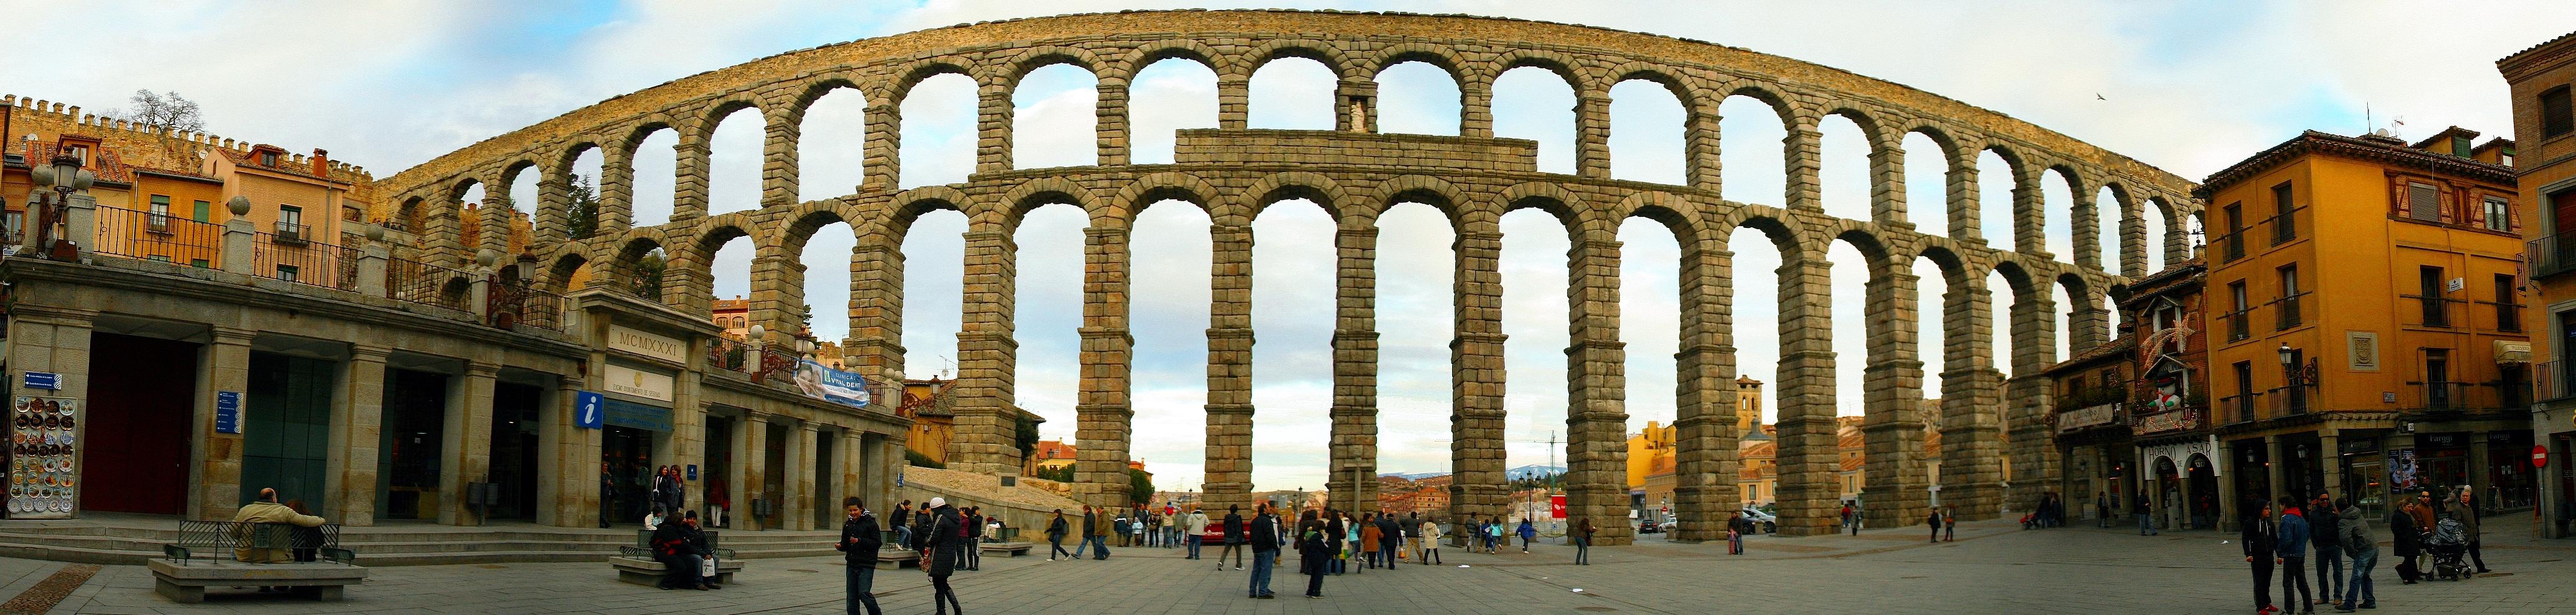 AcueductoSegovia Segovia, más que un acueducto.